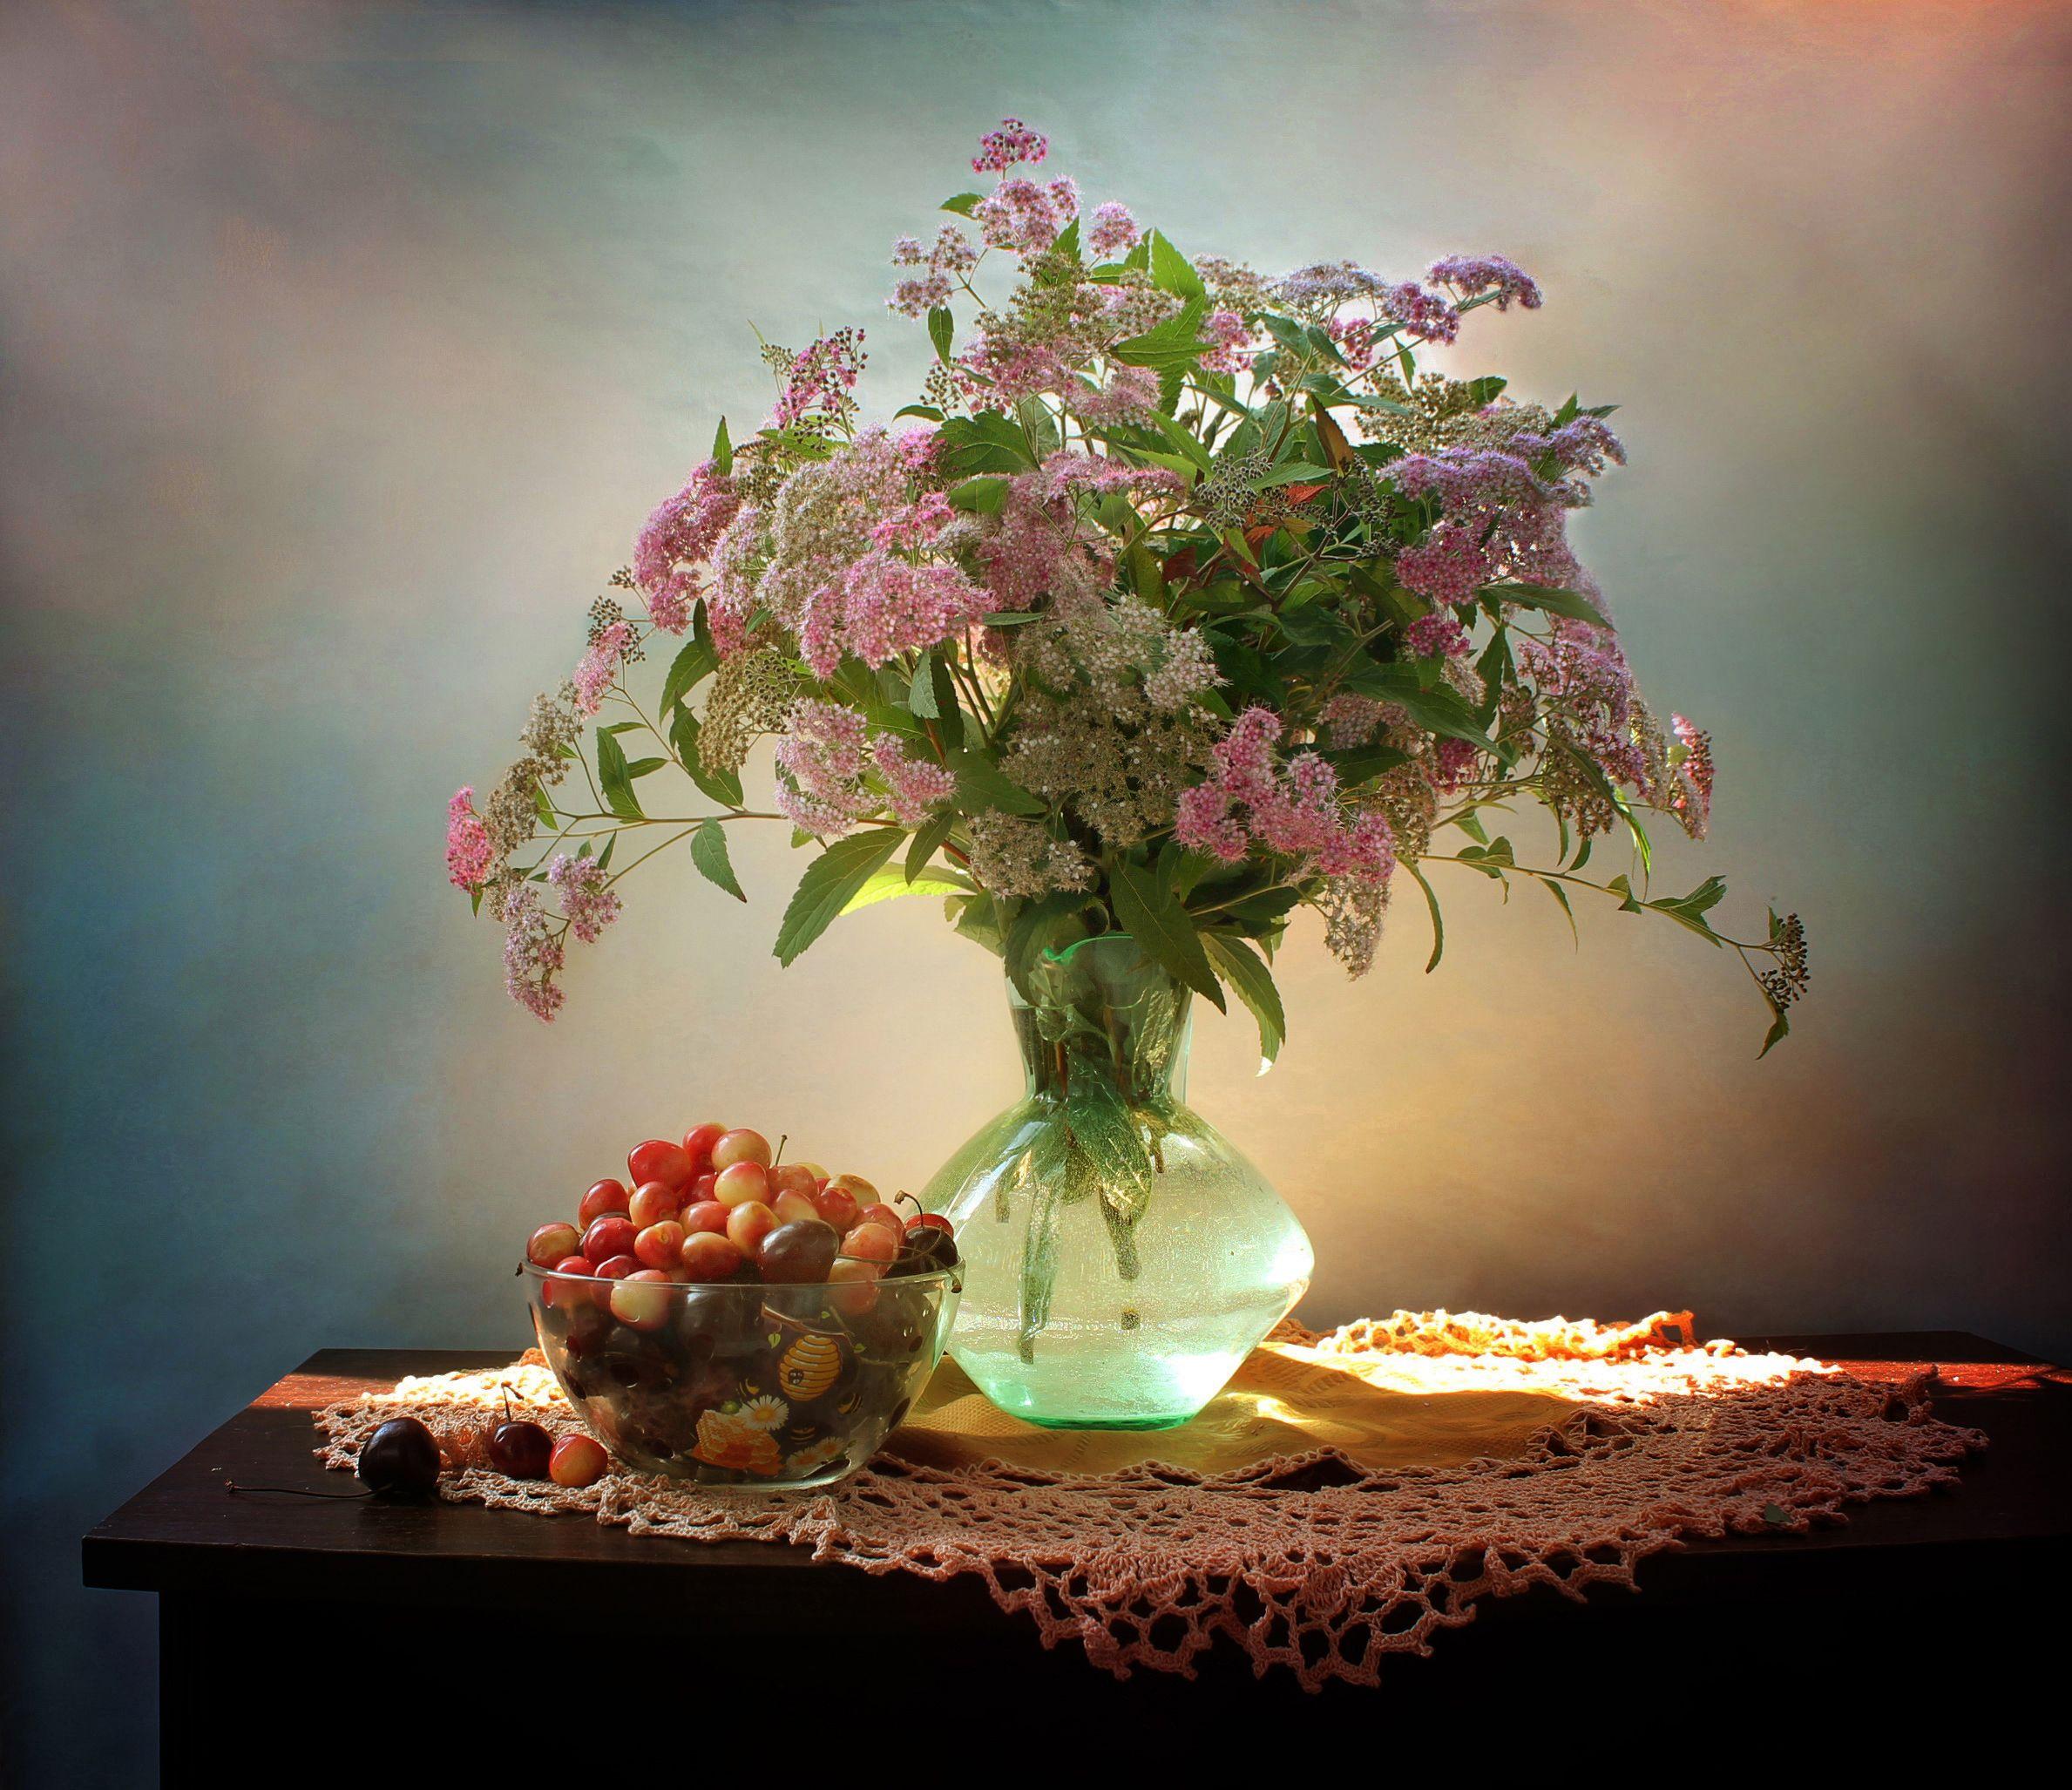 натюрморт, лето, цветы, букет, спирея, черешня, Ковалева Светлана